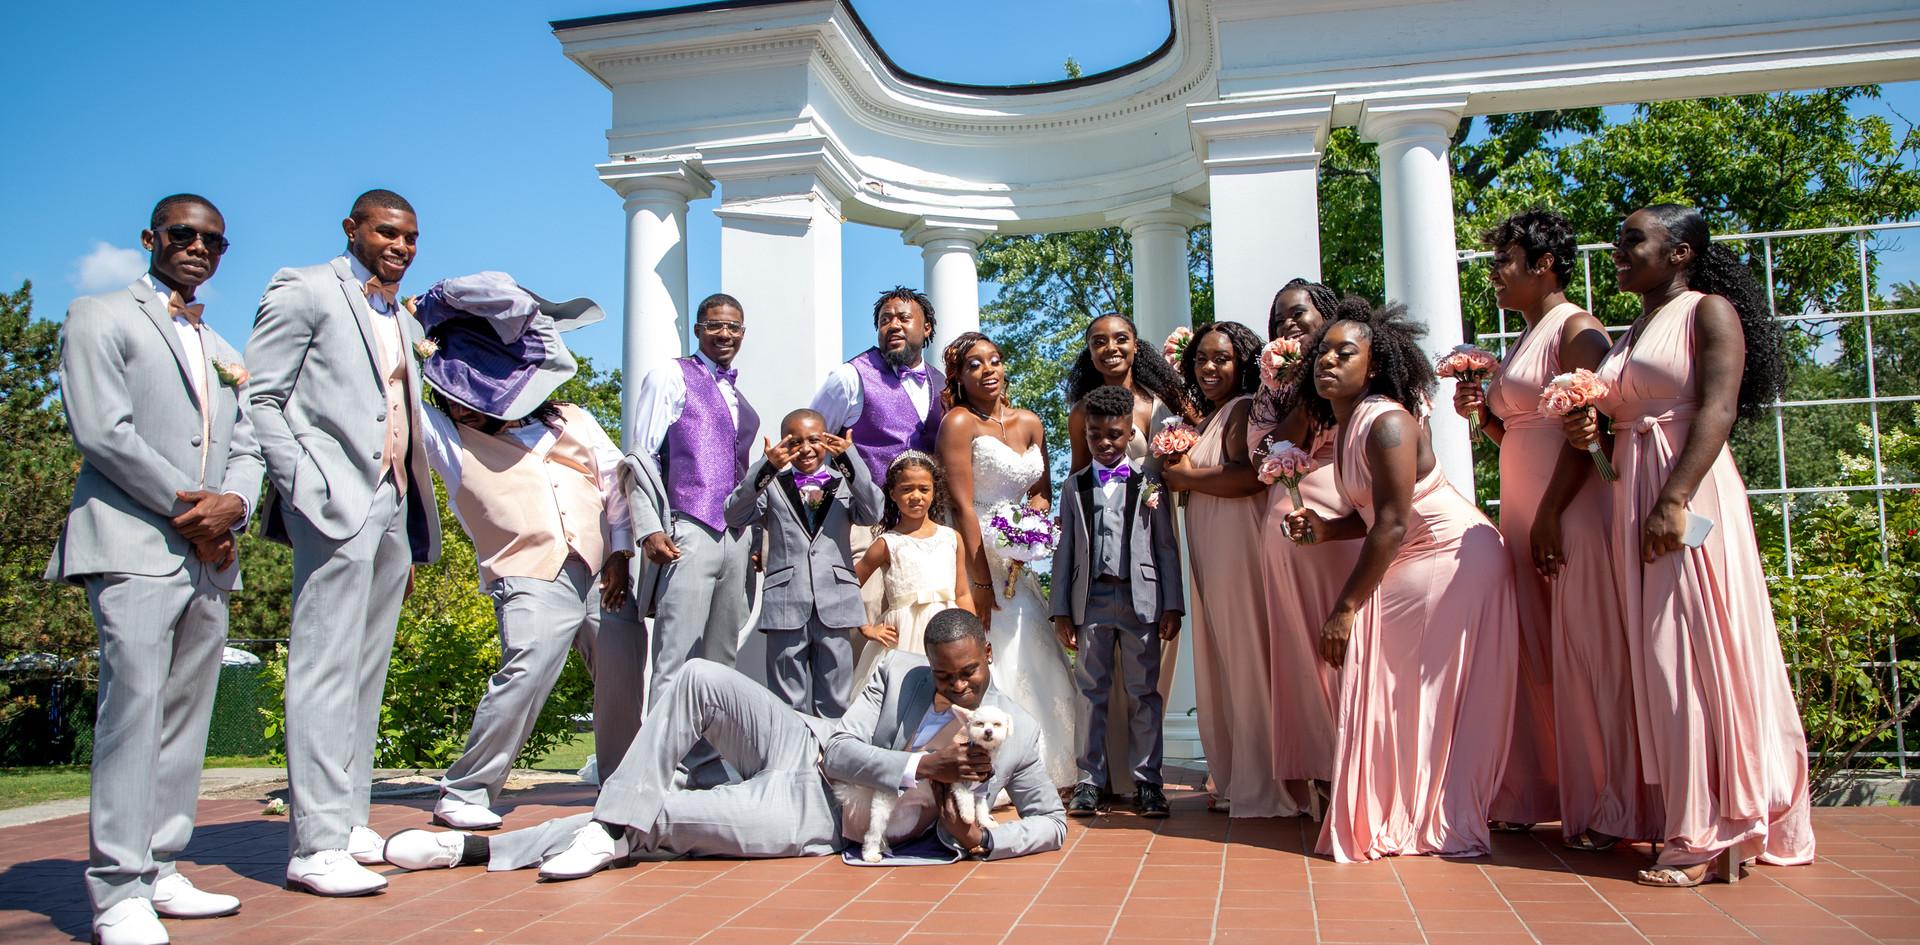 ju-bianca-wedding-199.jpg